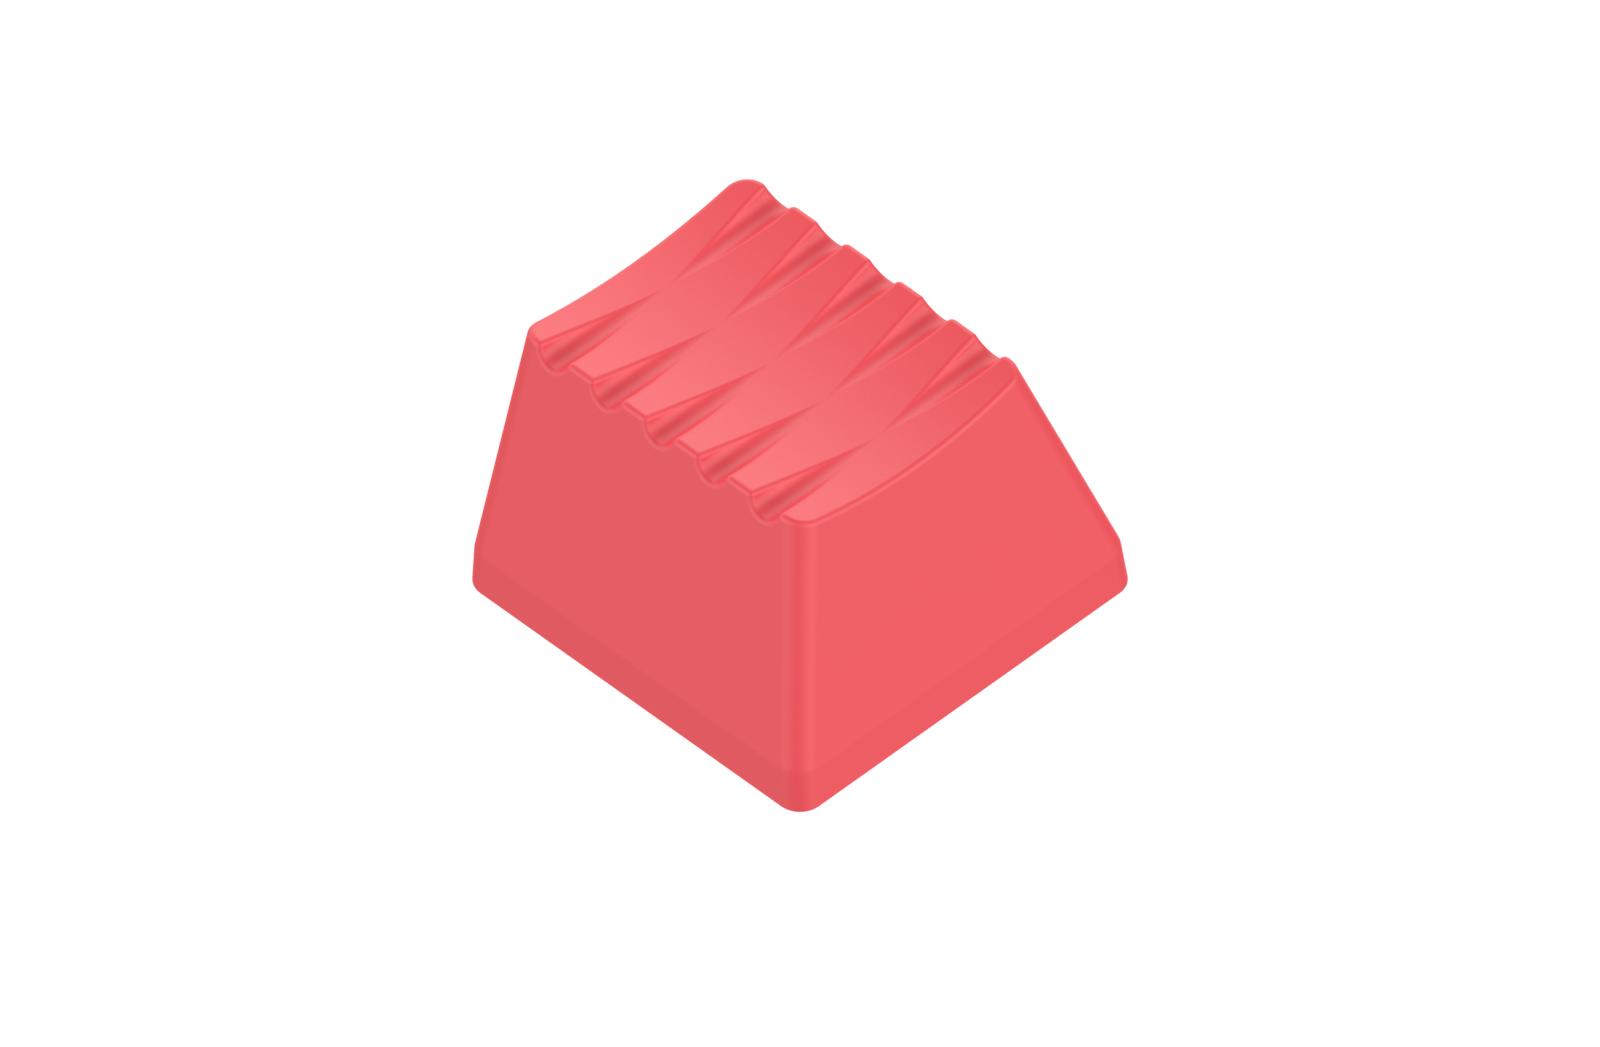 RAMA-KEYCAP-RENDER-R002.104.png